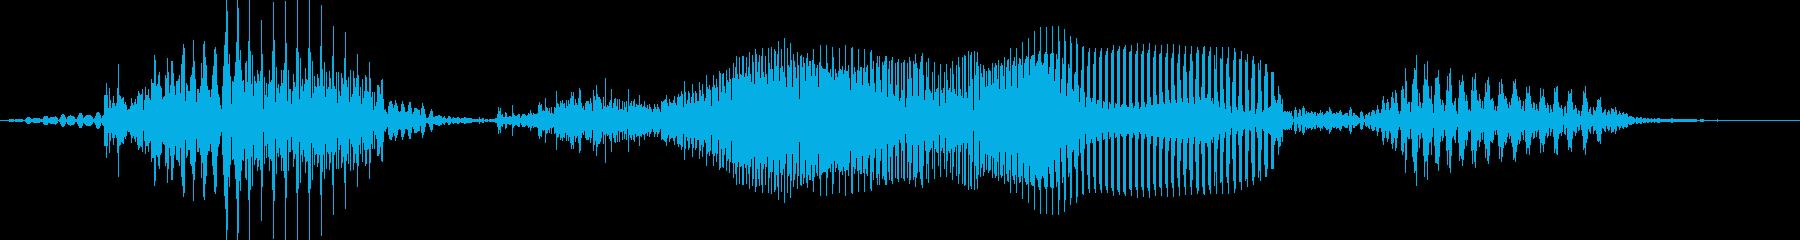 月曜日 (男性/明るめ)の再生済みの波形